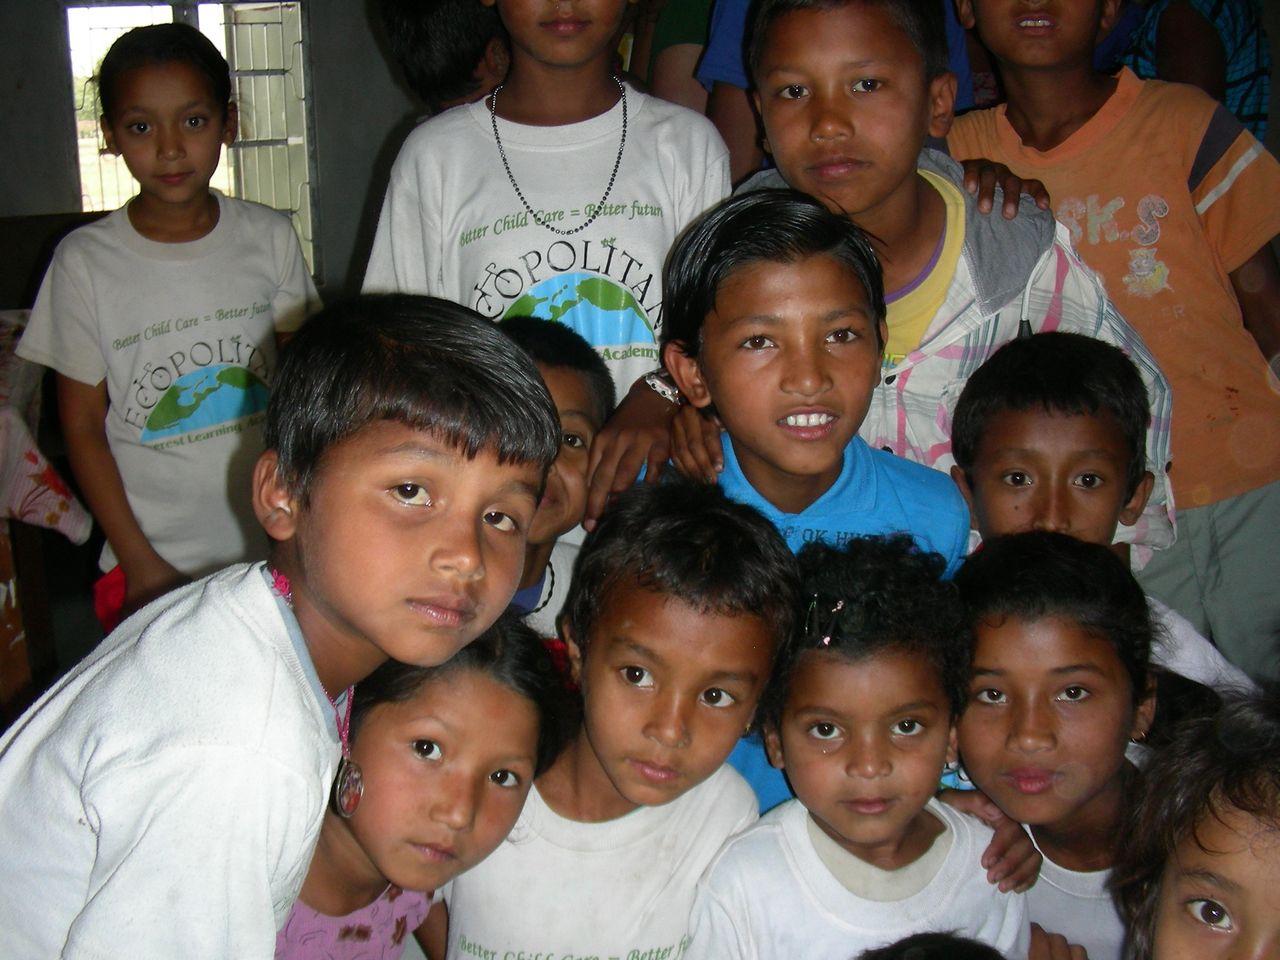 kids+in+group.jpg